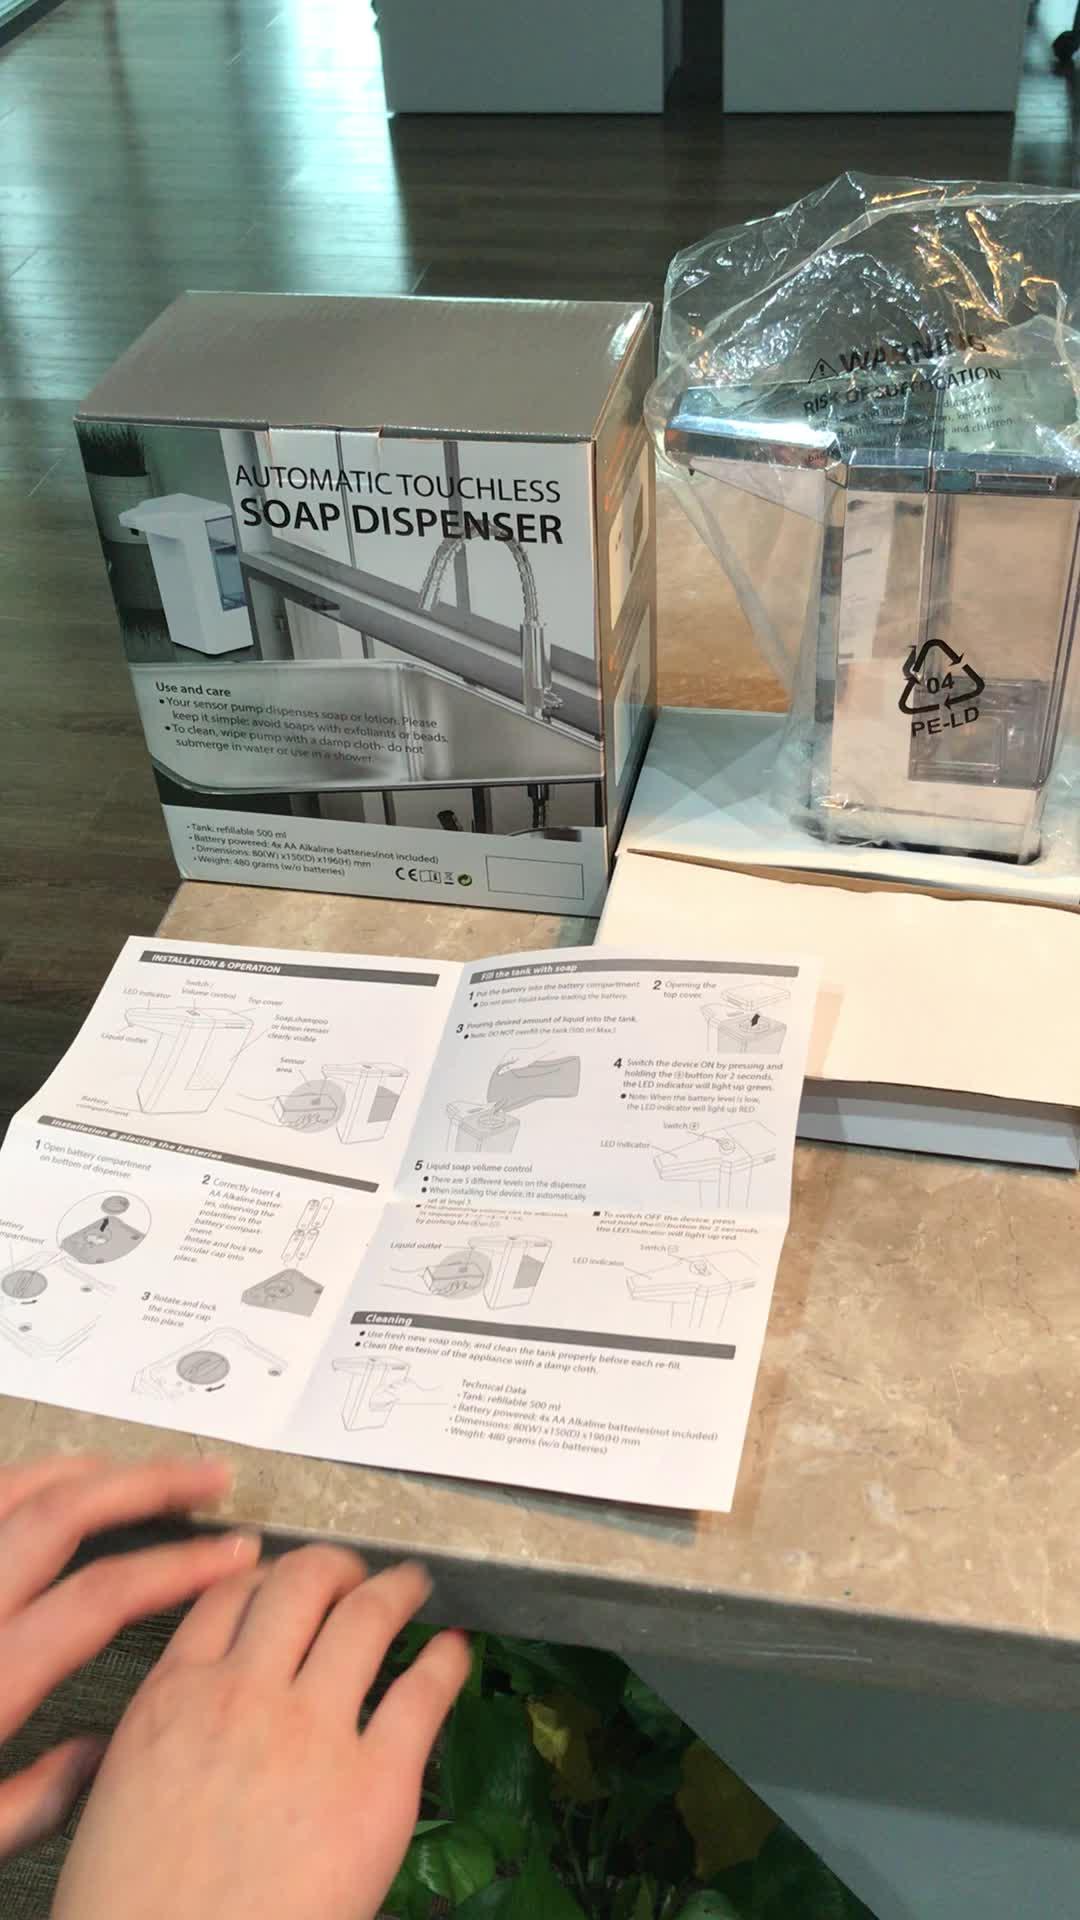 Plastic electronic waterproof kitchen sink soap dispenser